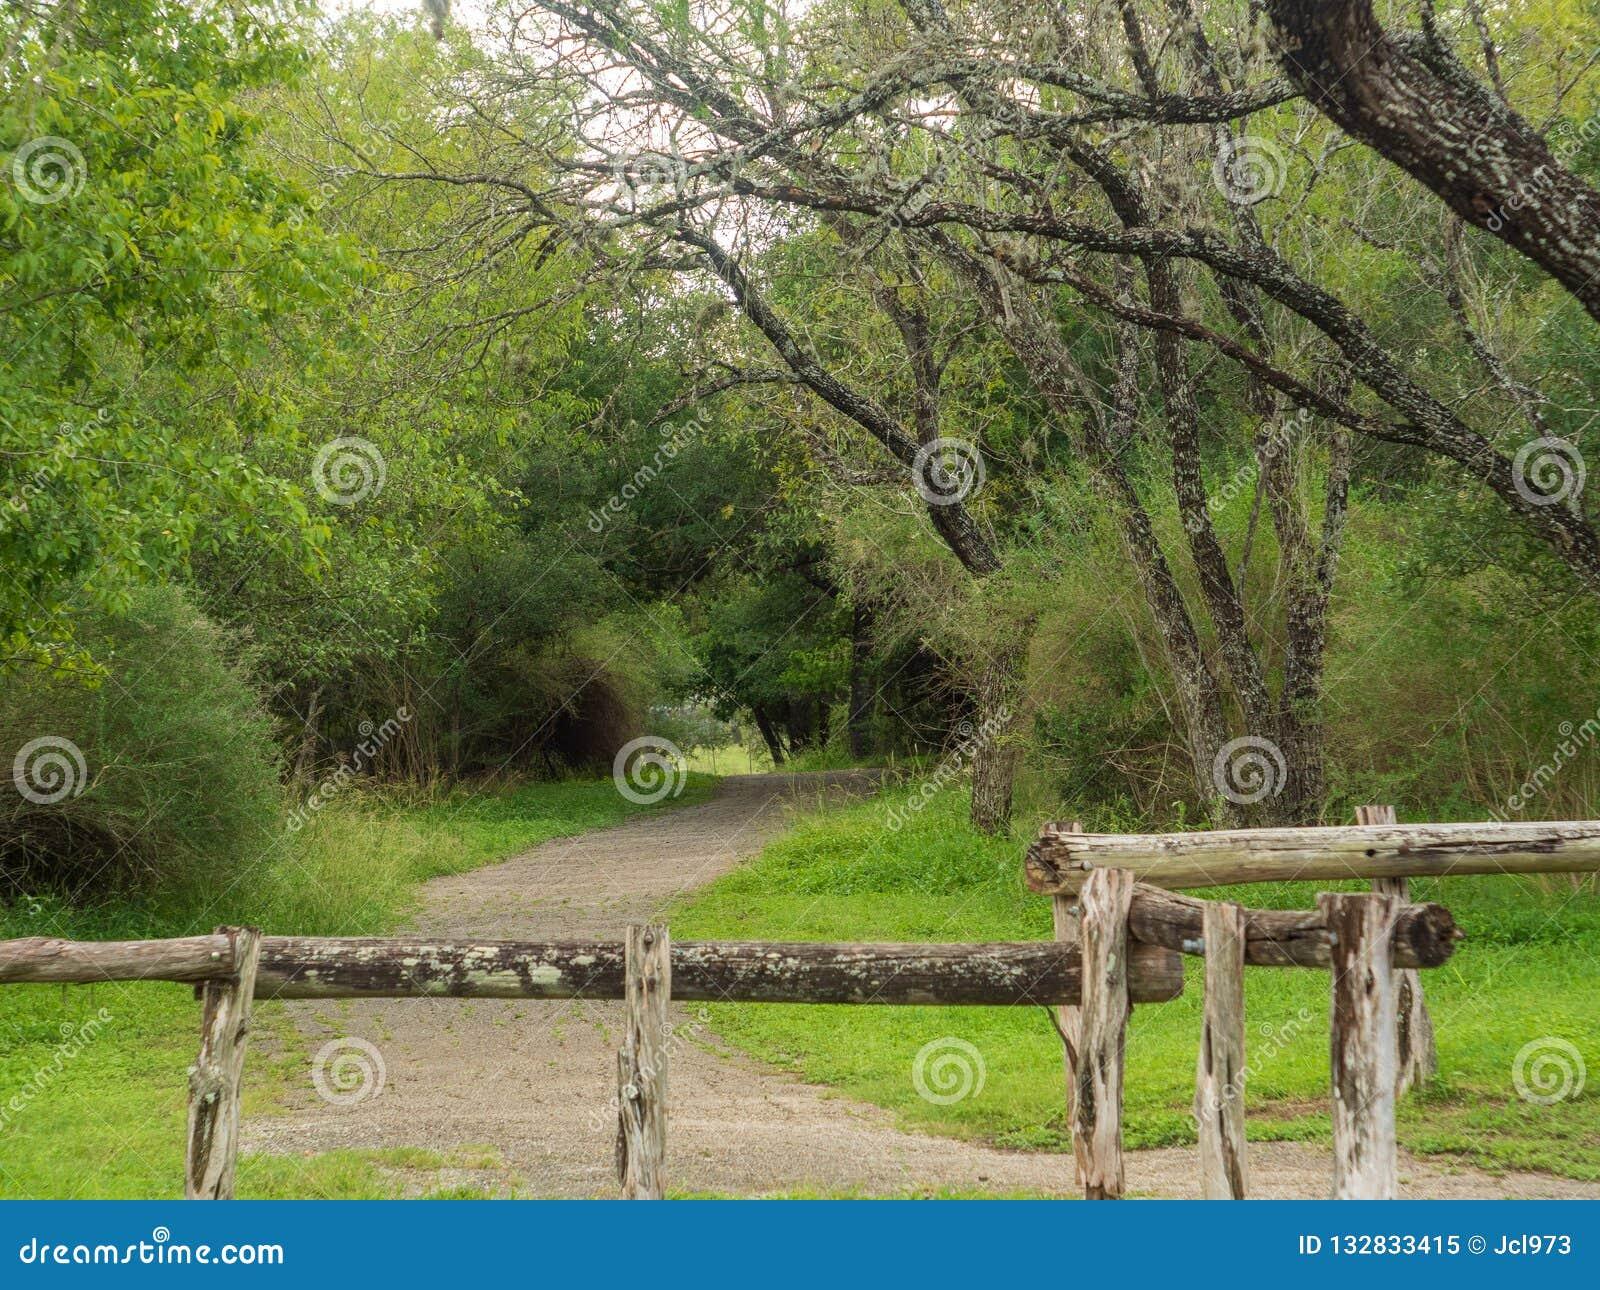 Идя следы в тихом, спокойном, мирном Forest Park с живыми зелеными деревьями и растительностью